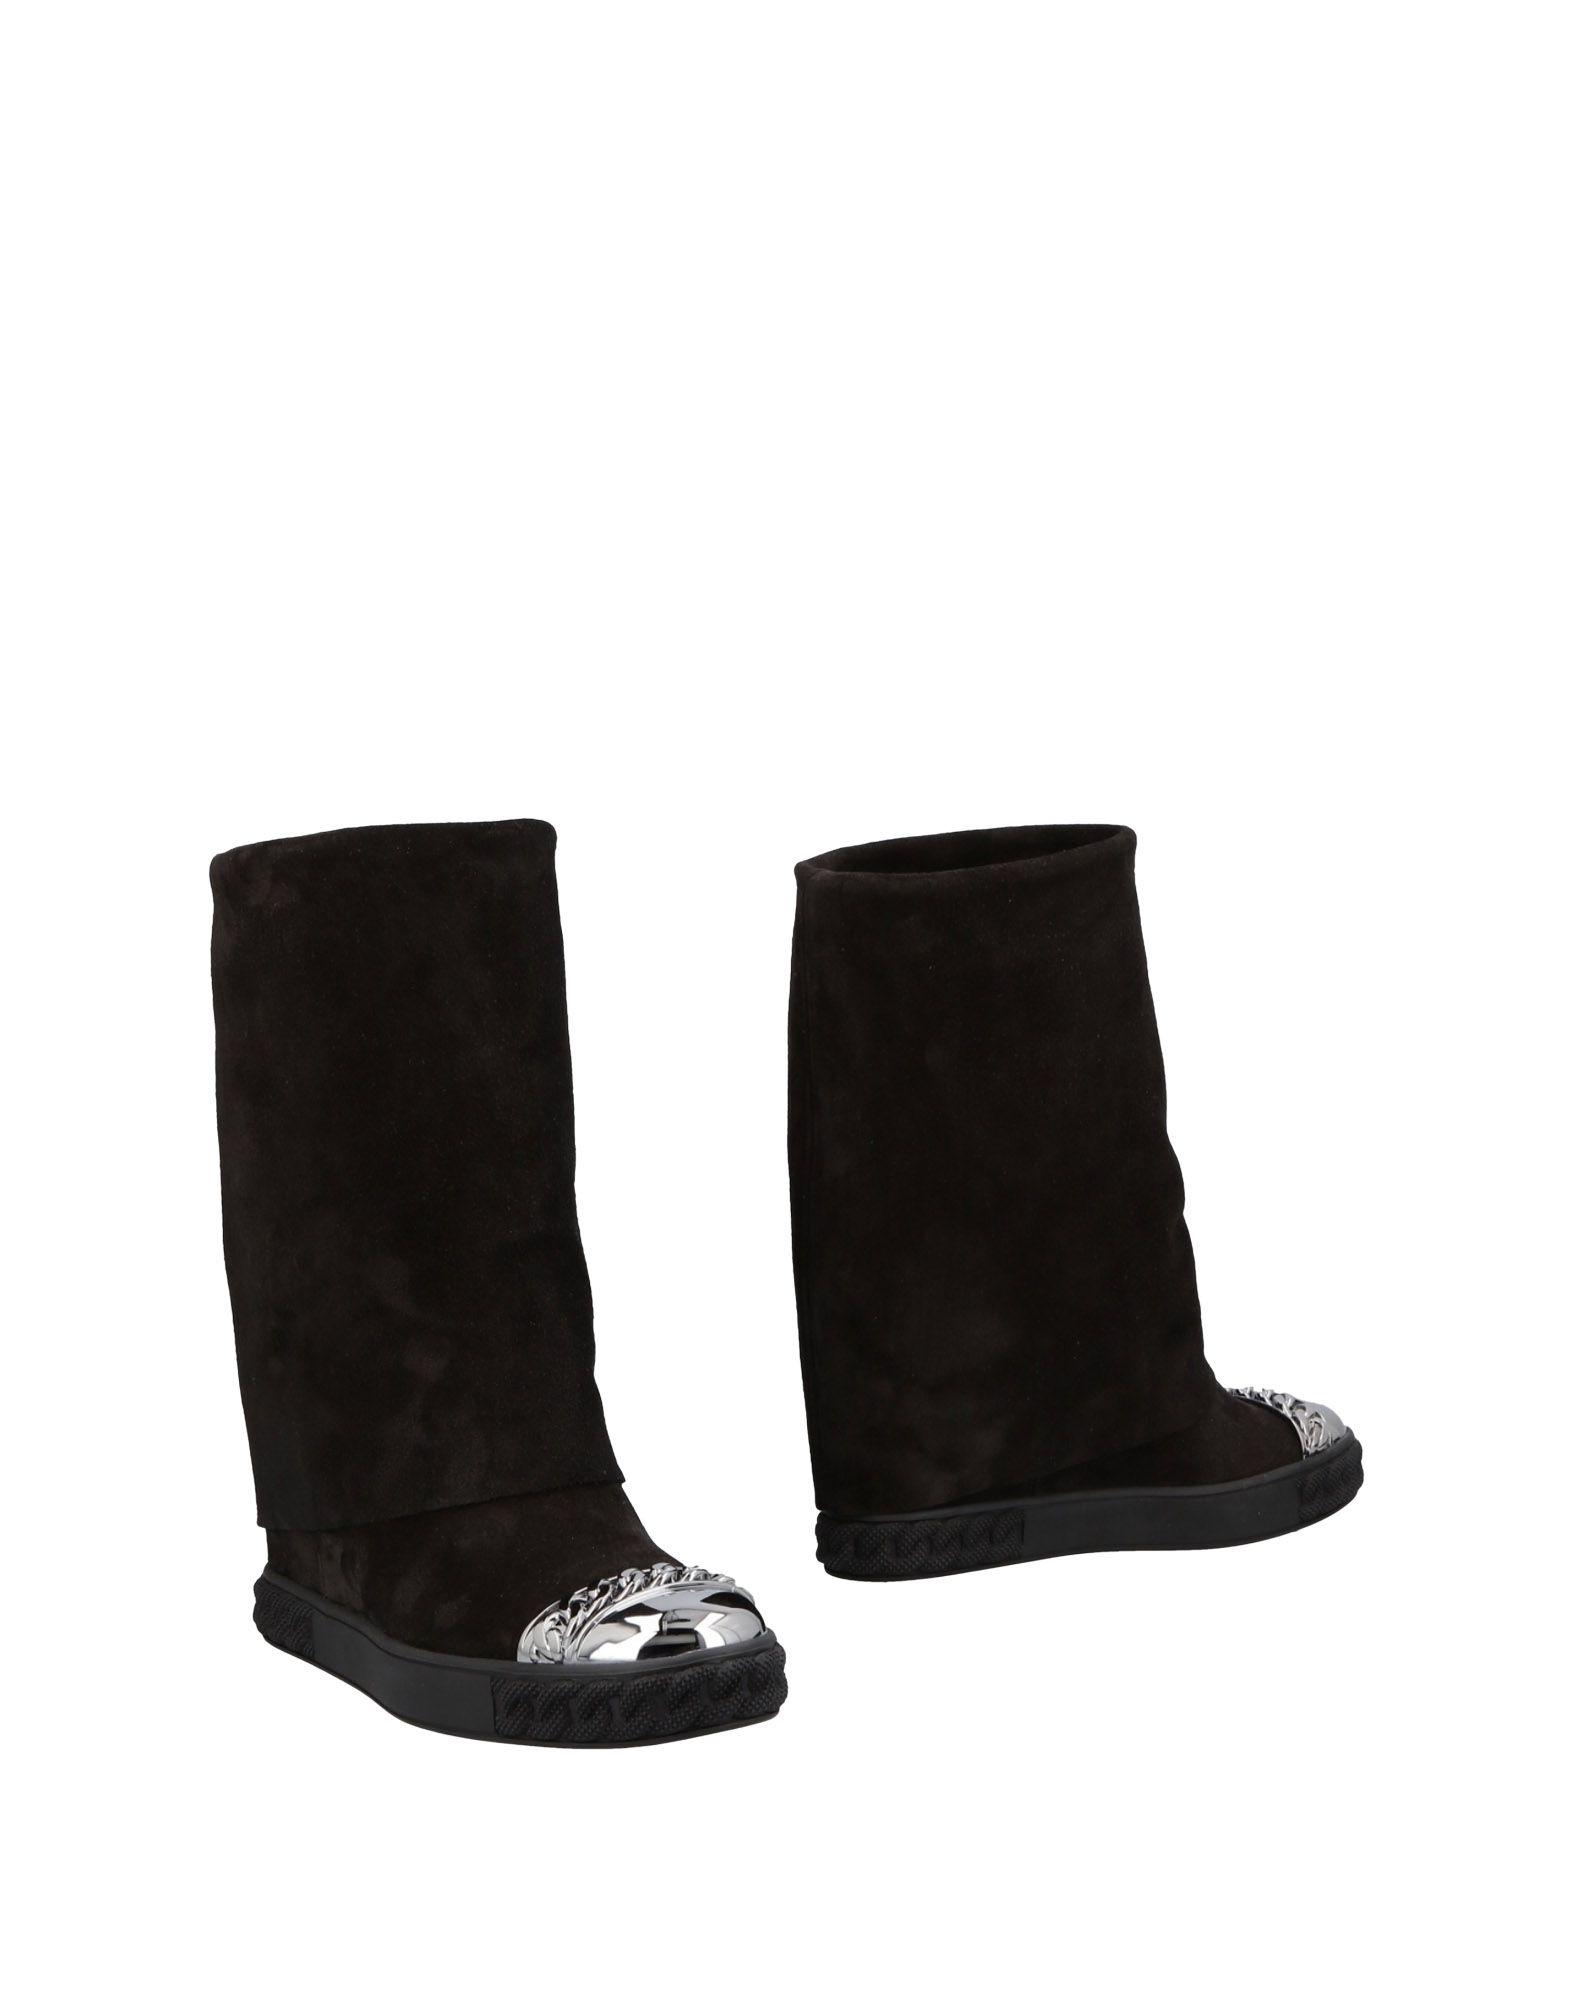 Casadei Stiefelette Damen  11485554DXGünstige gut aussehende Schuhe